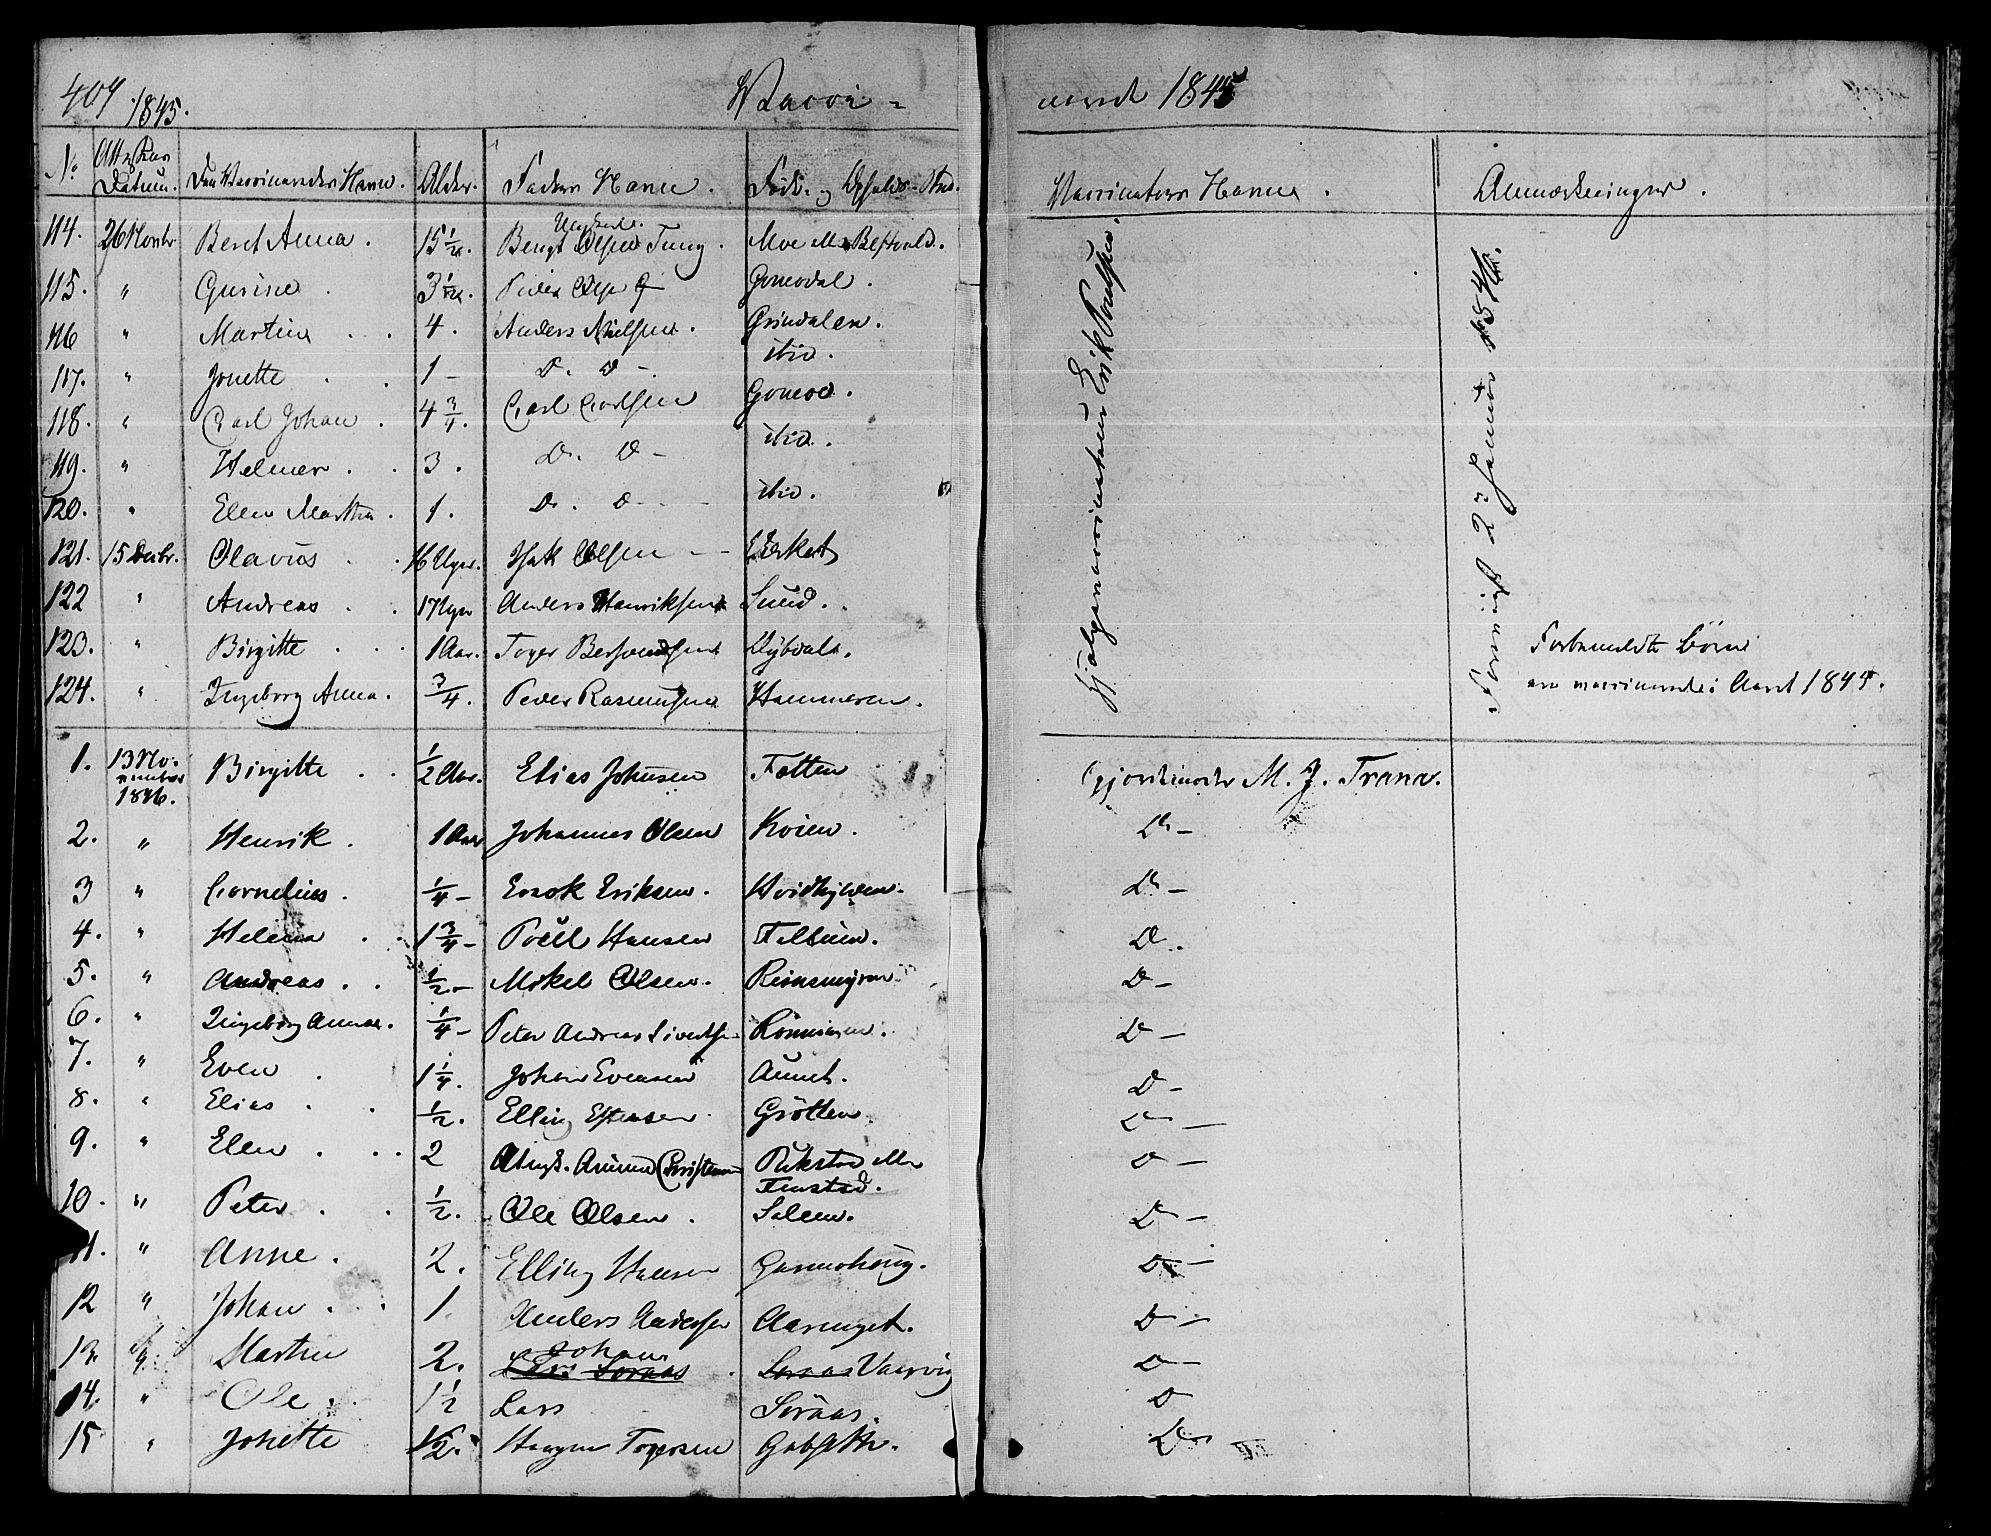 SAT, Ministerialprotokoller, klokkerbøker og fødselsregistre - Sør-Trøndelag, 646/L0610: Ministerialbok nr. 646A08, 1837-1847, s. 407